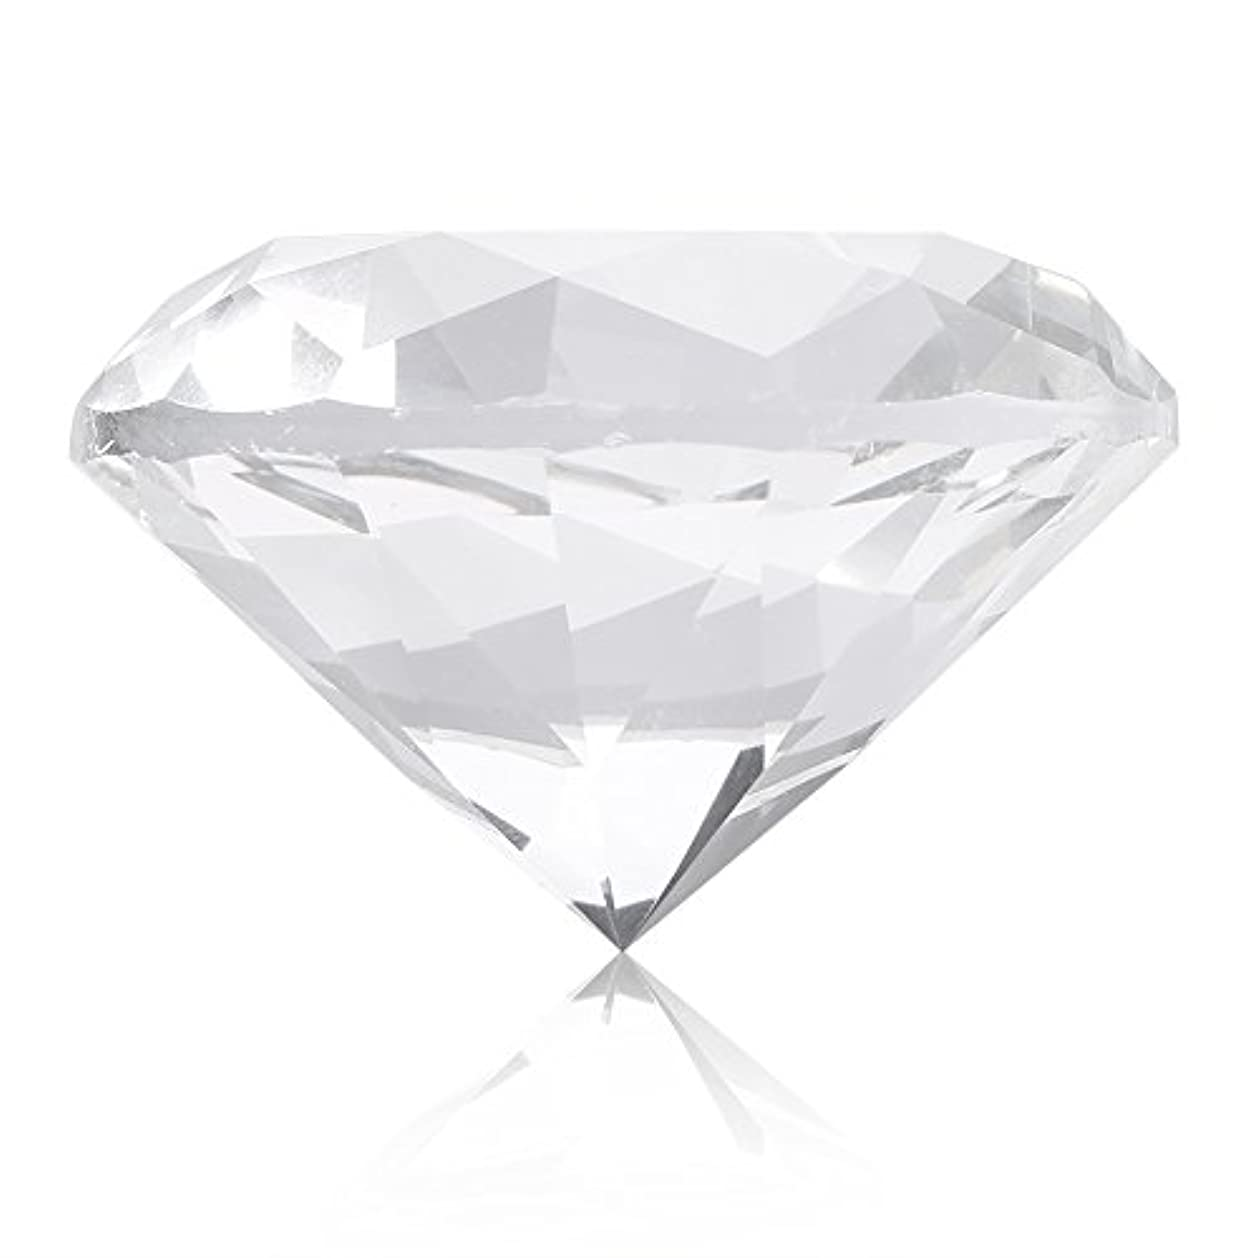 アジャ博物館論理的ネイルチップスタンド スタンドベース ネイルアートディスプレイ ガラス クリスタル ダイヤモンド 撮影道具 モデル ネイルチップホルダー (ホワイト)